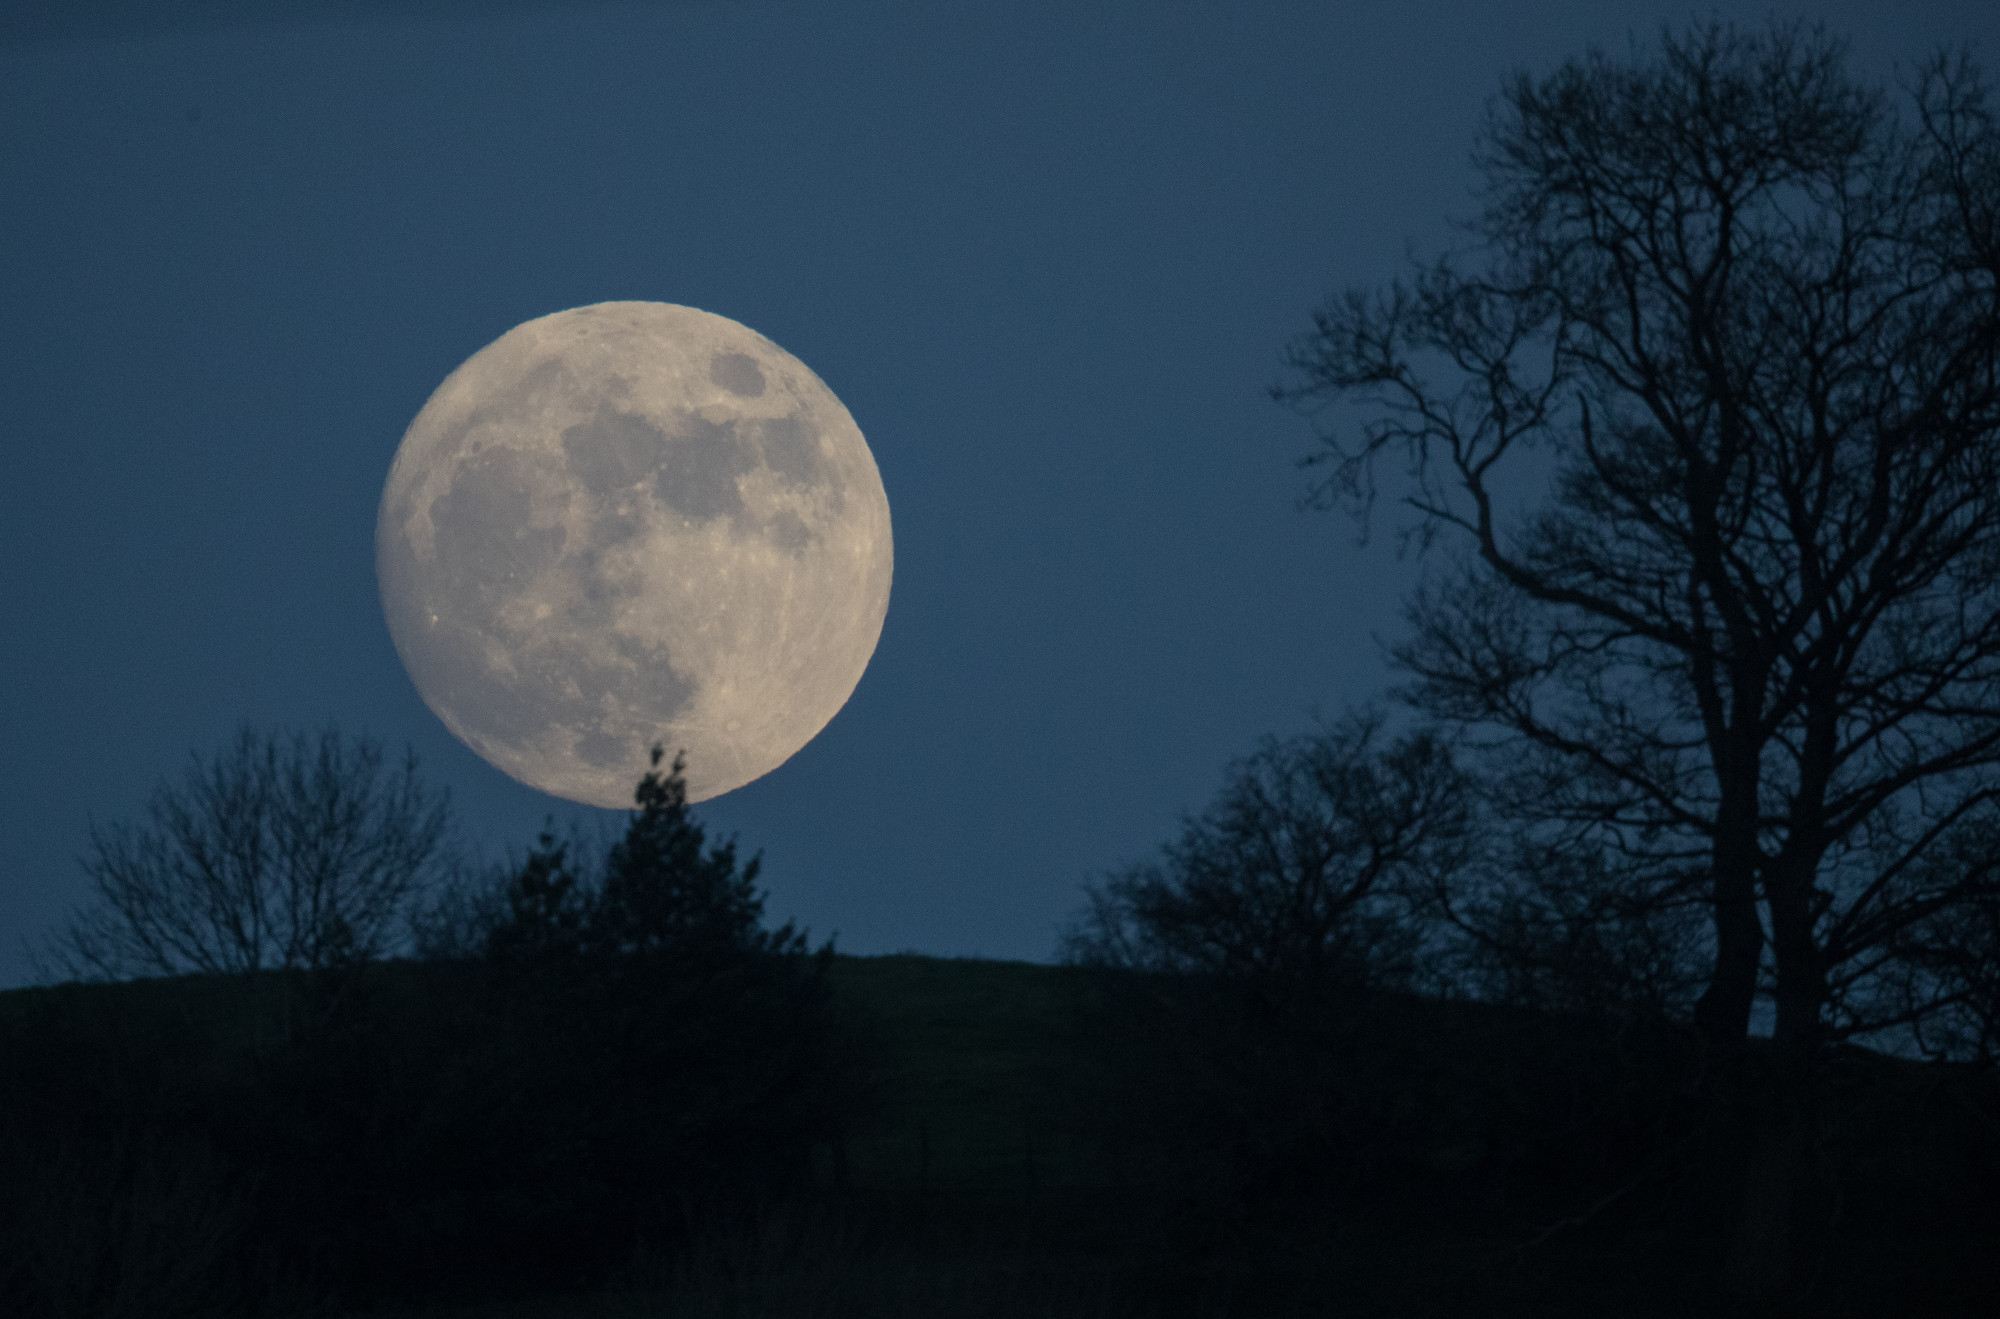 Uma lua de lobo nasce sobre Glastonbury Tor em Somerset, Inglaterra, em 11 de janeiro de 2017 (© Getty Images | Matt Cardy)